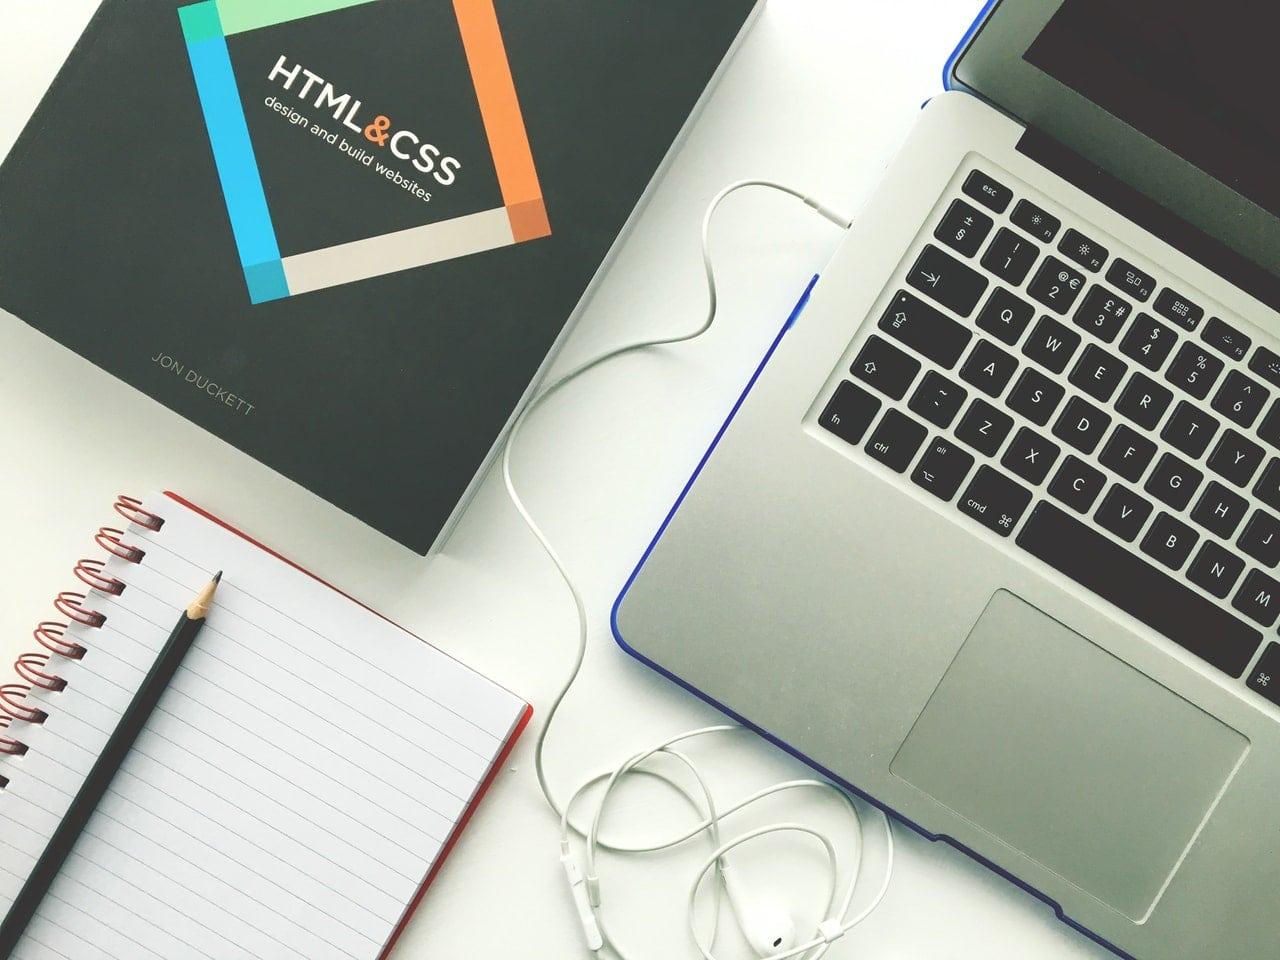 En dårlig hjemmeside eller webshop kan skade din virksomhed – her er 3 grunde om hvorfor